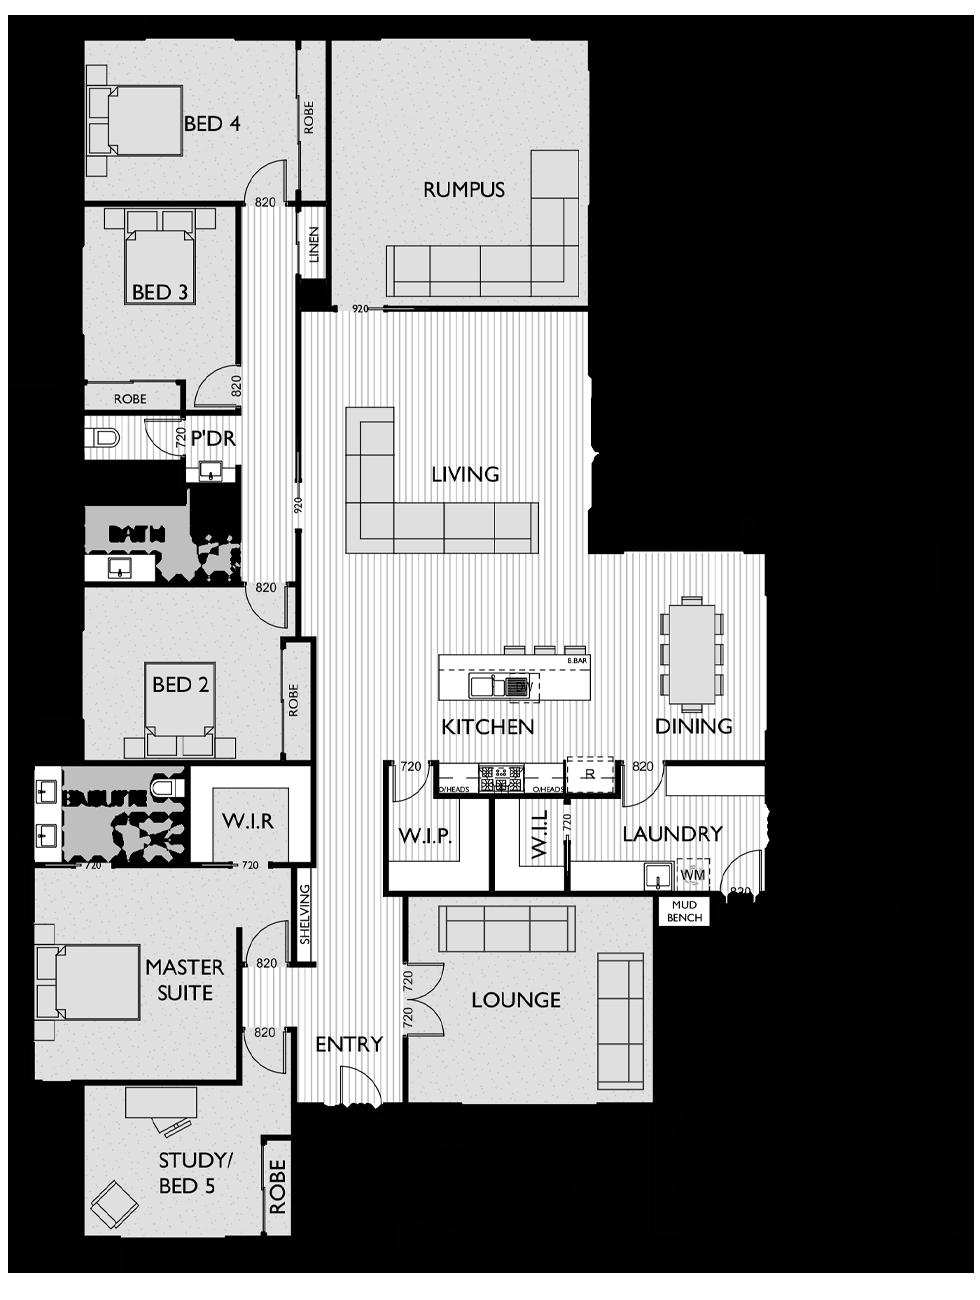 Floor Plan for Virtue Homes Aspire 39 family home